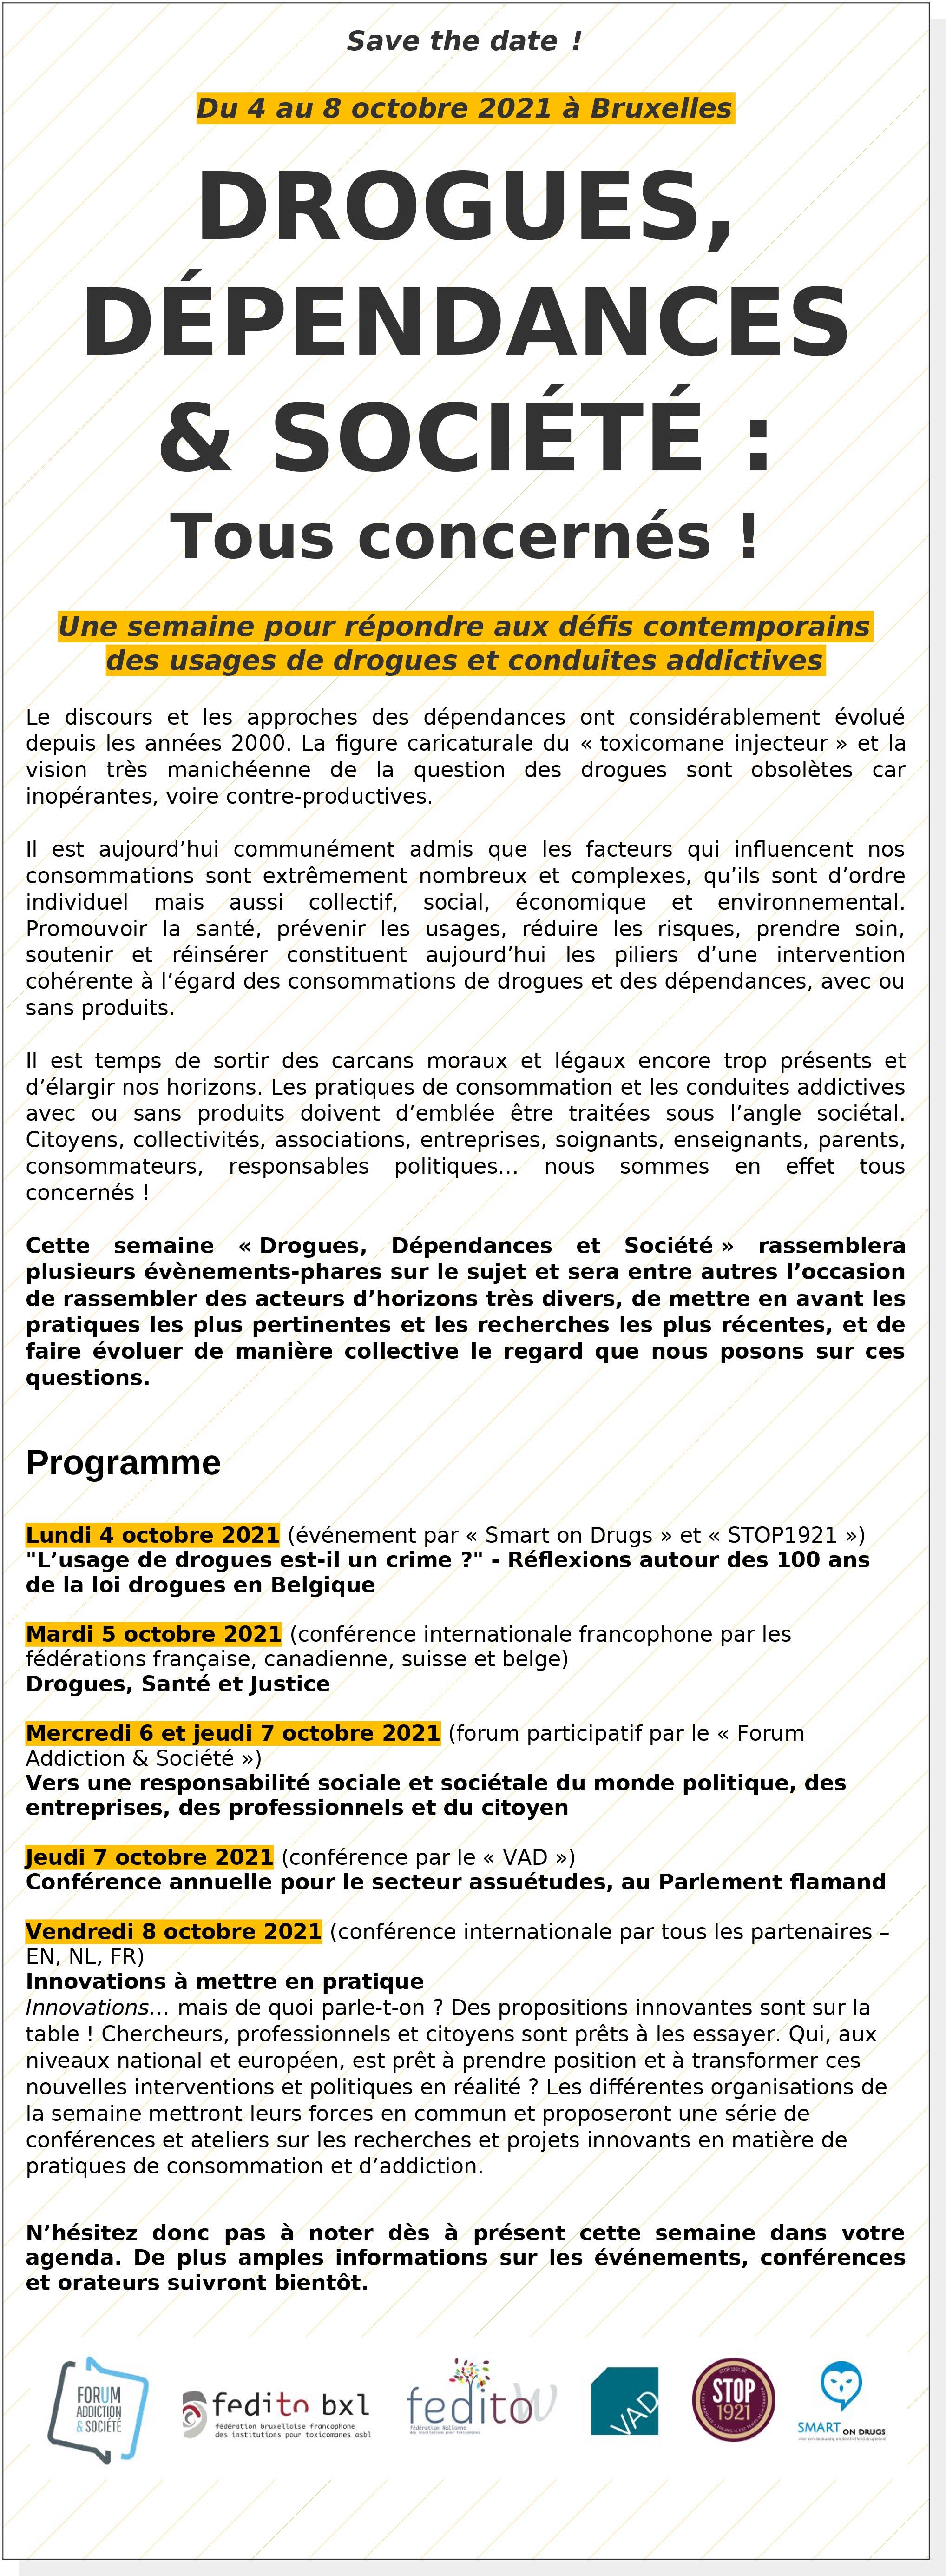 La 2ème édition du Forum « Addiction & Société » - Drogues, dépendances & société : Tous concernés ! Aura lieu du 4 au 8 octobre 2021 à Bruxelles.